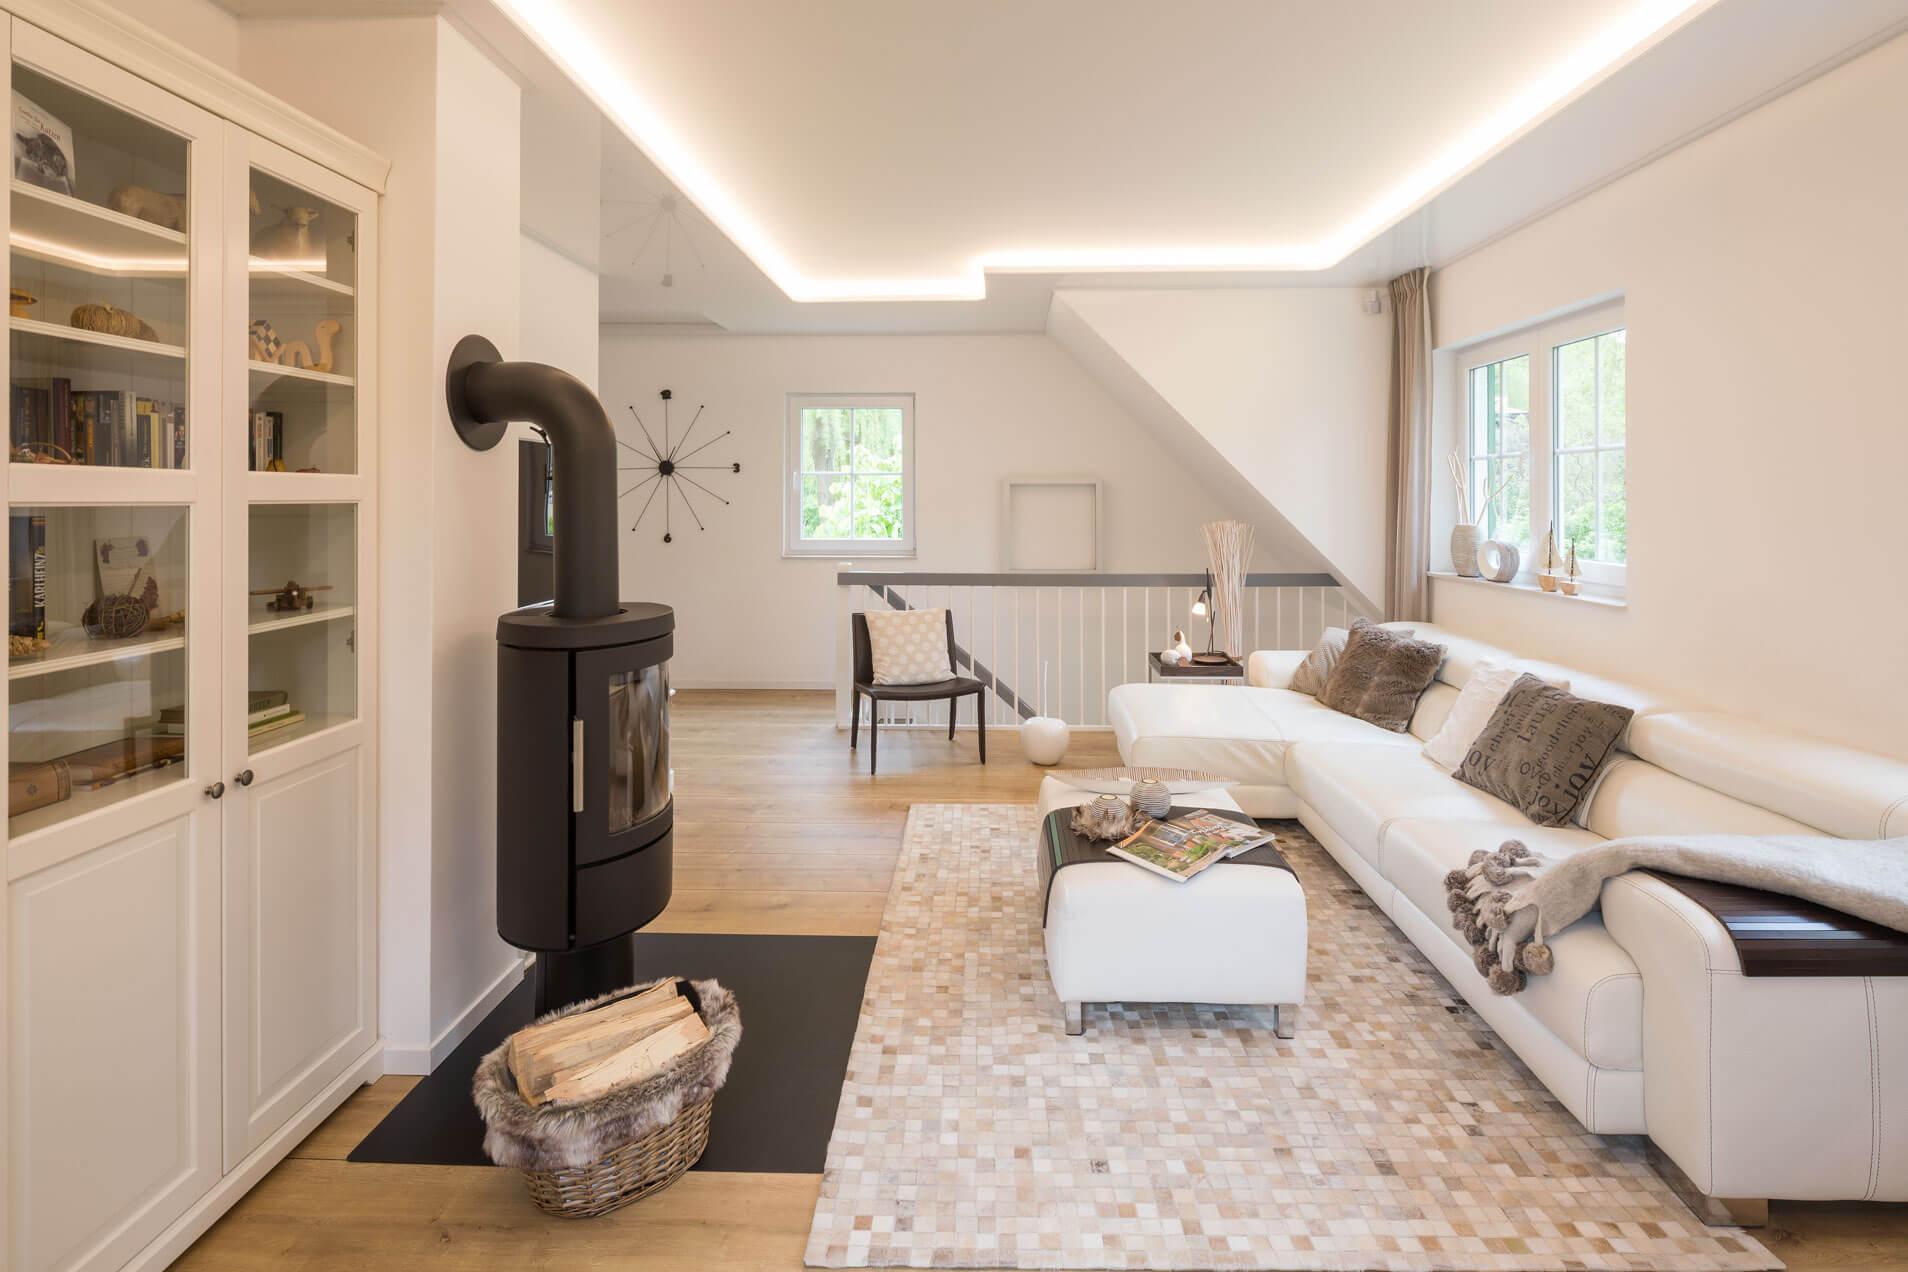 Wohnzimmer Spanndecke Beleuchtung Tunable White